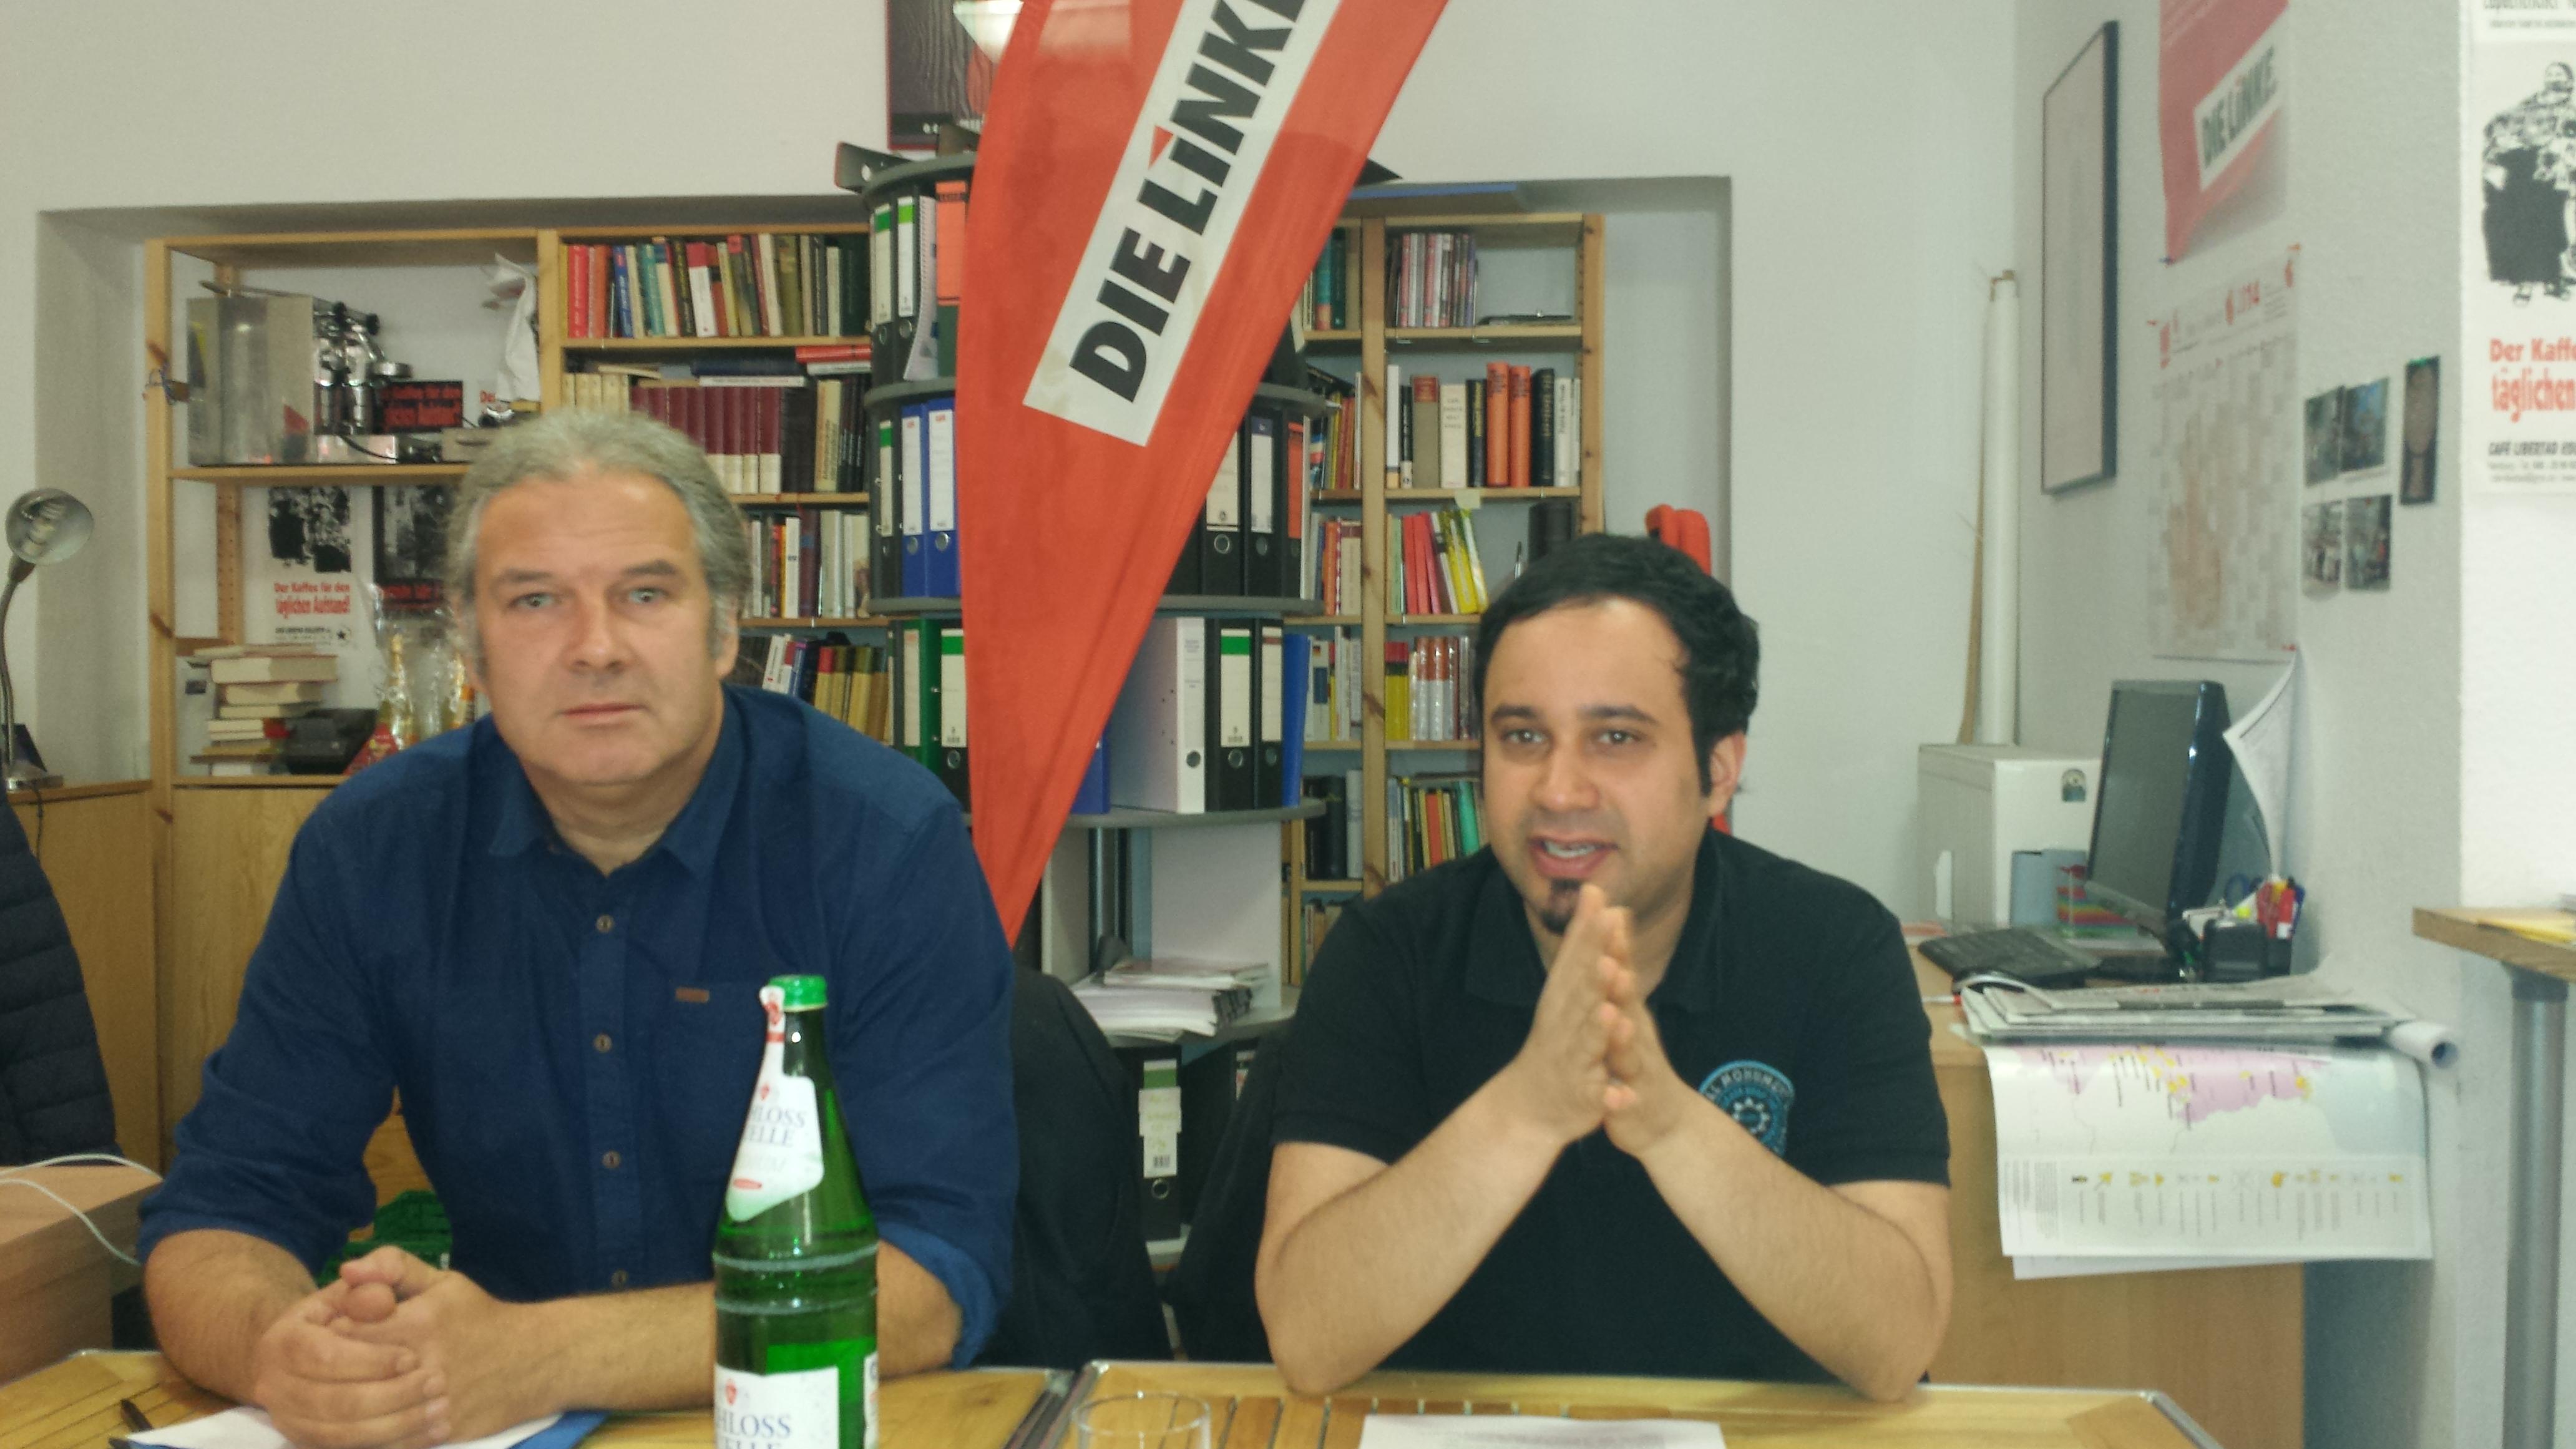 """Politischer Frühschoppen zum Thema """"Ukraine-Krise"""". Andrej Hunko (links) referierte. Niema Movassat (rechts im Bild) moderierte die gut gesuchte Veranstaltung letzten Sonntag; Foto: C.-D. Stille"""